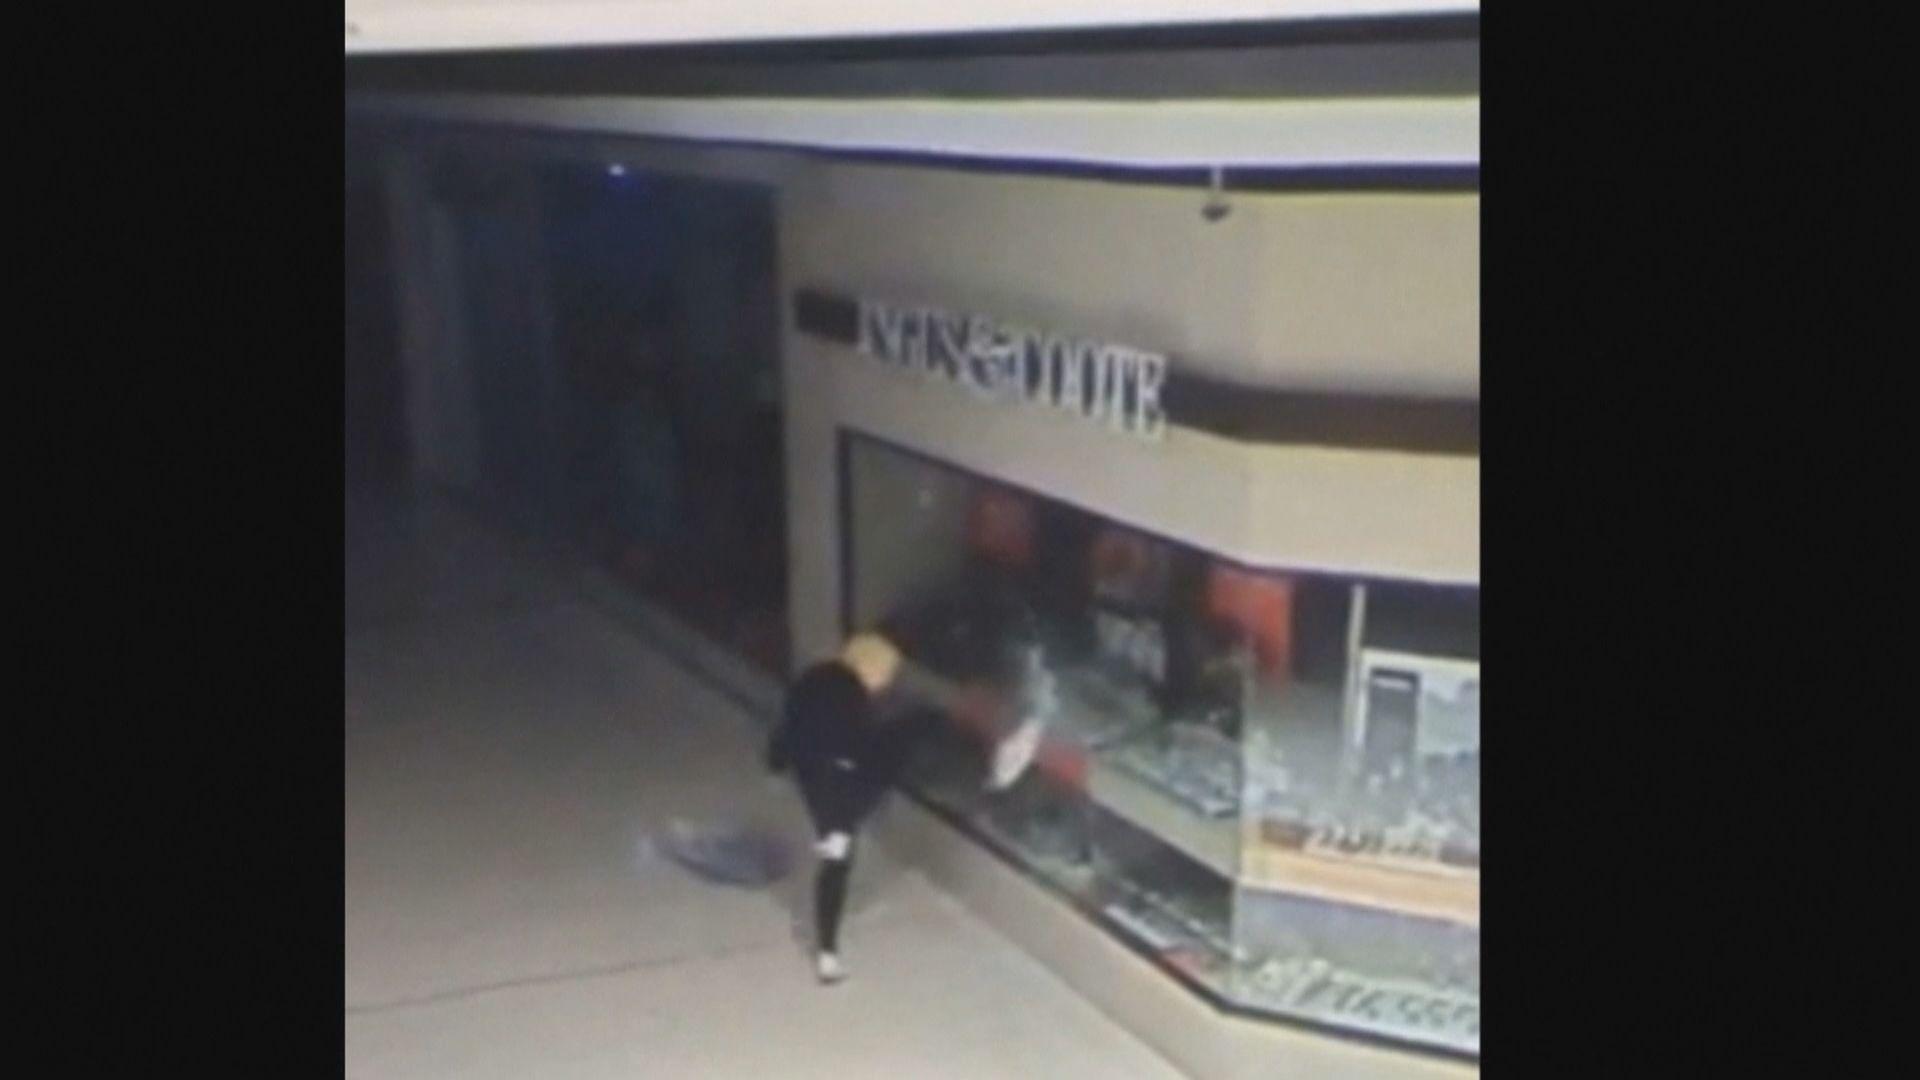 澳洲男子戴特朗普面具盜竊多間店舖